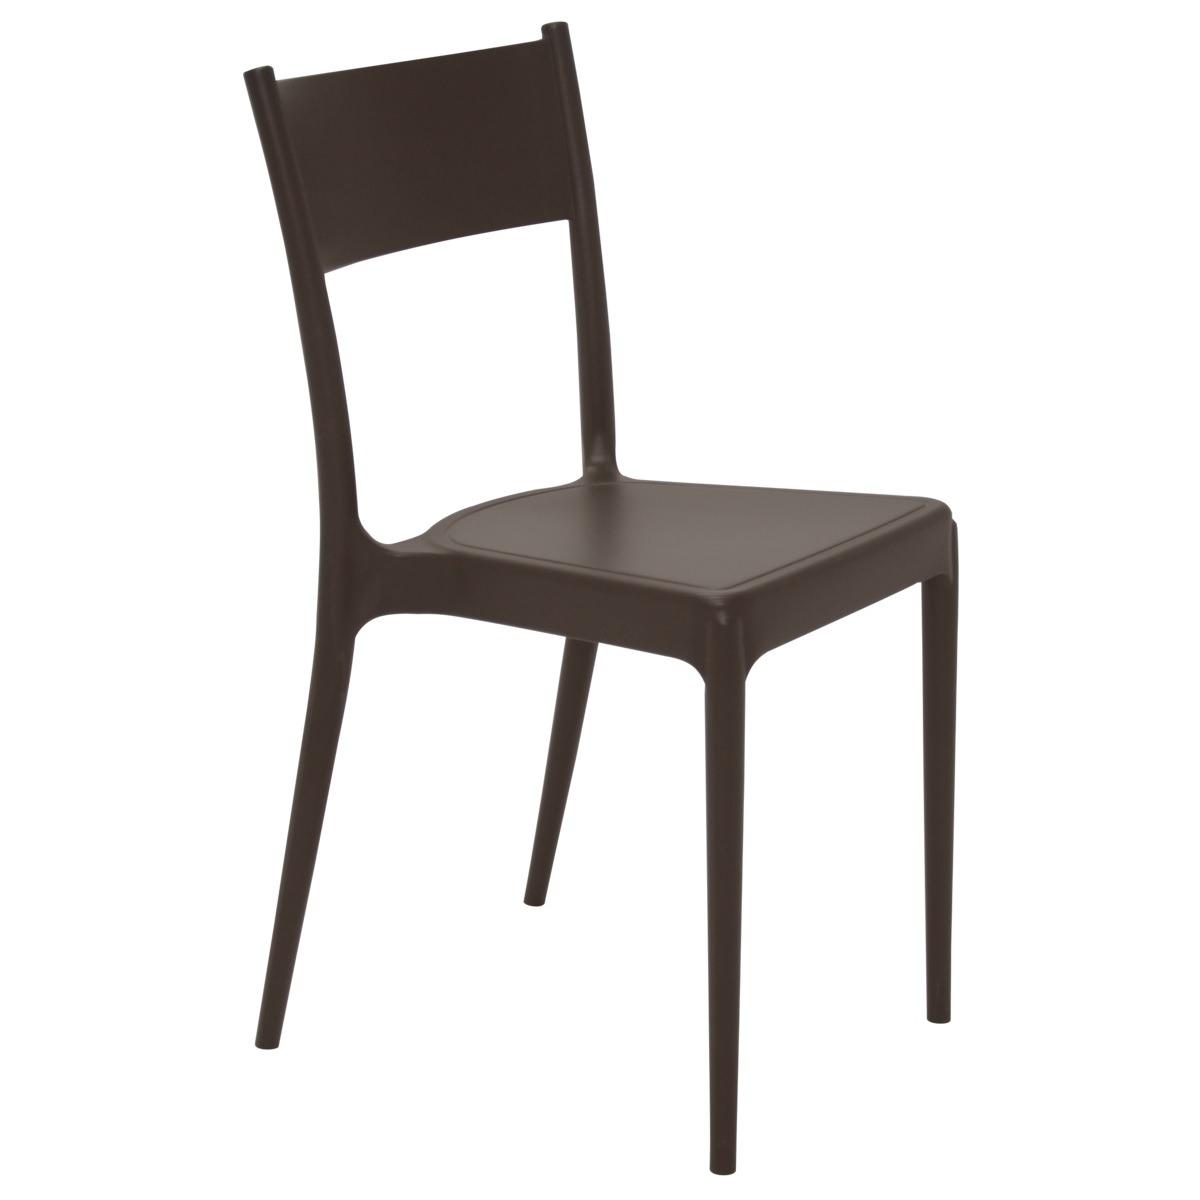 Cadeira Tramontina Marrom Diana em Polipropileno com Encosto